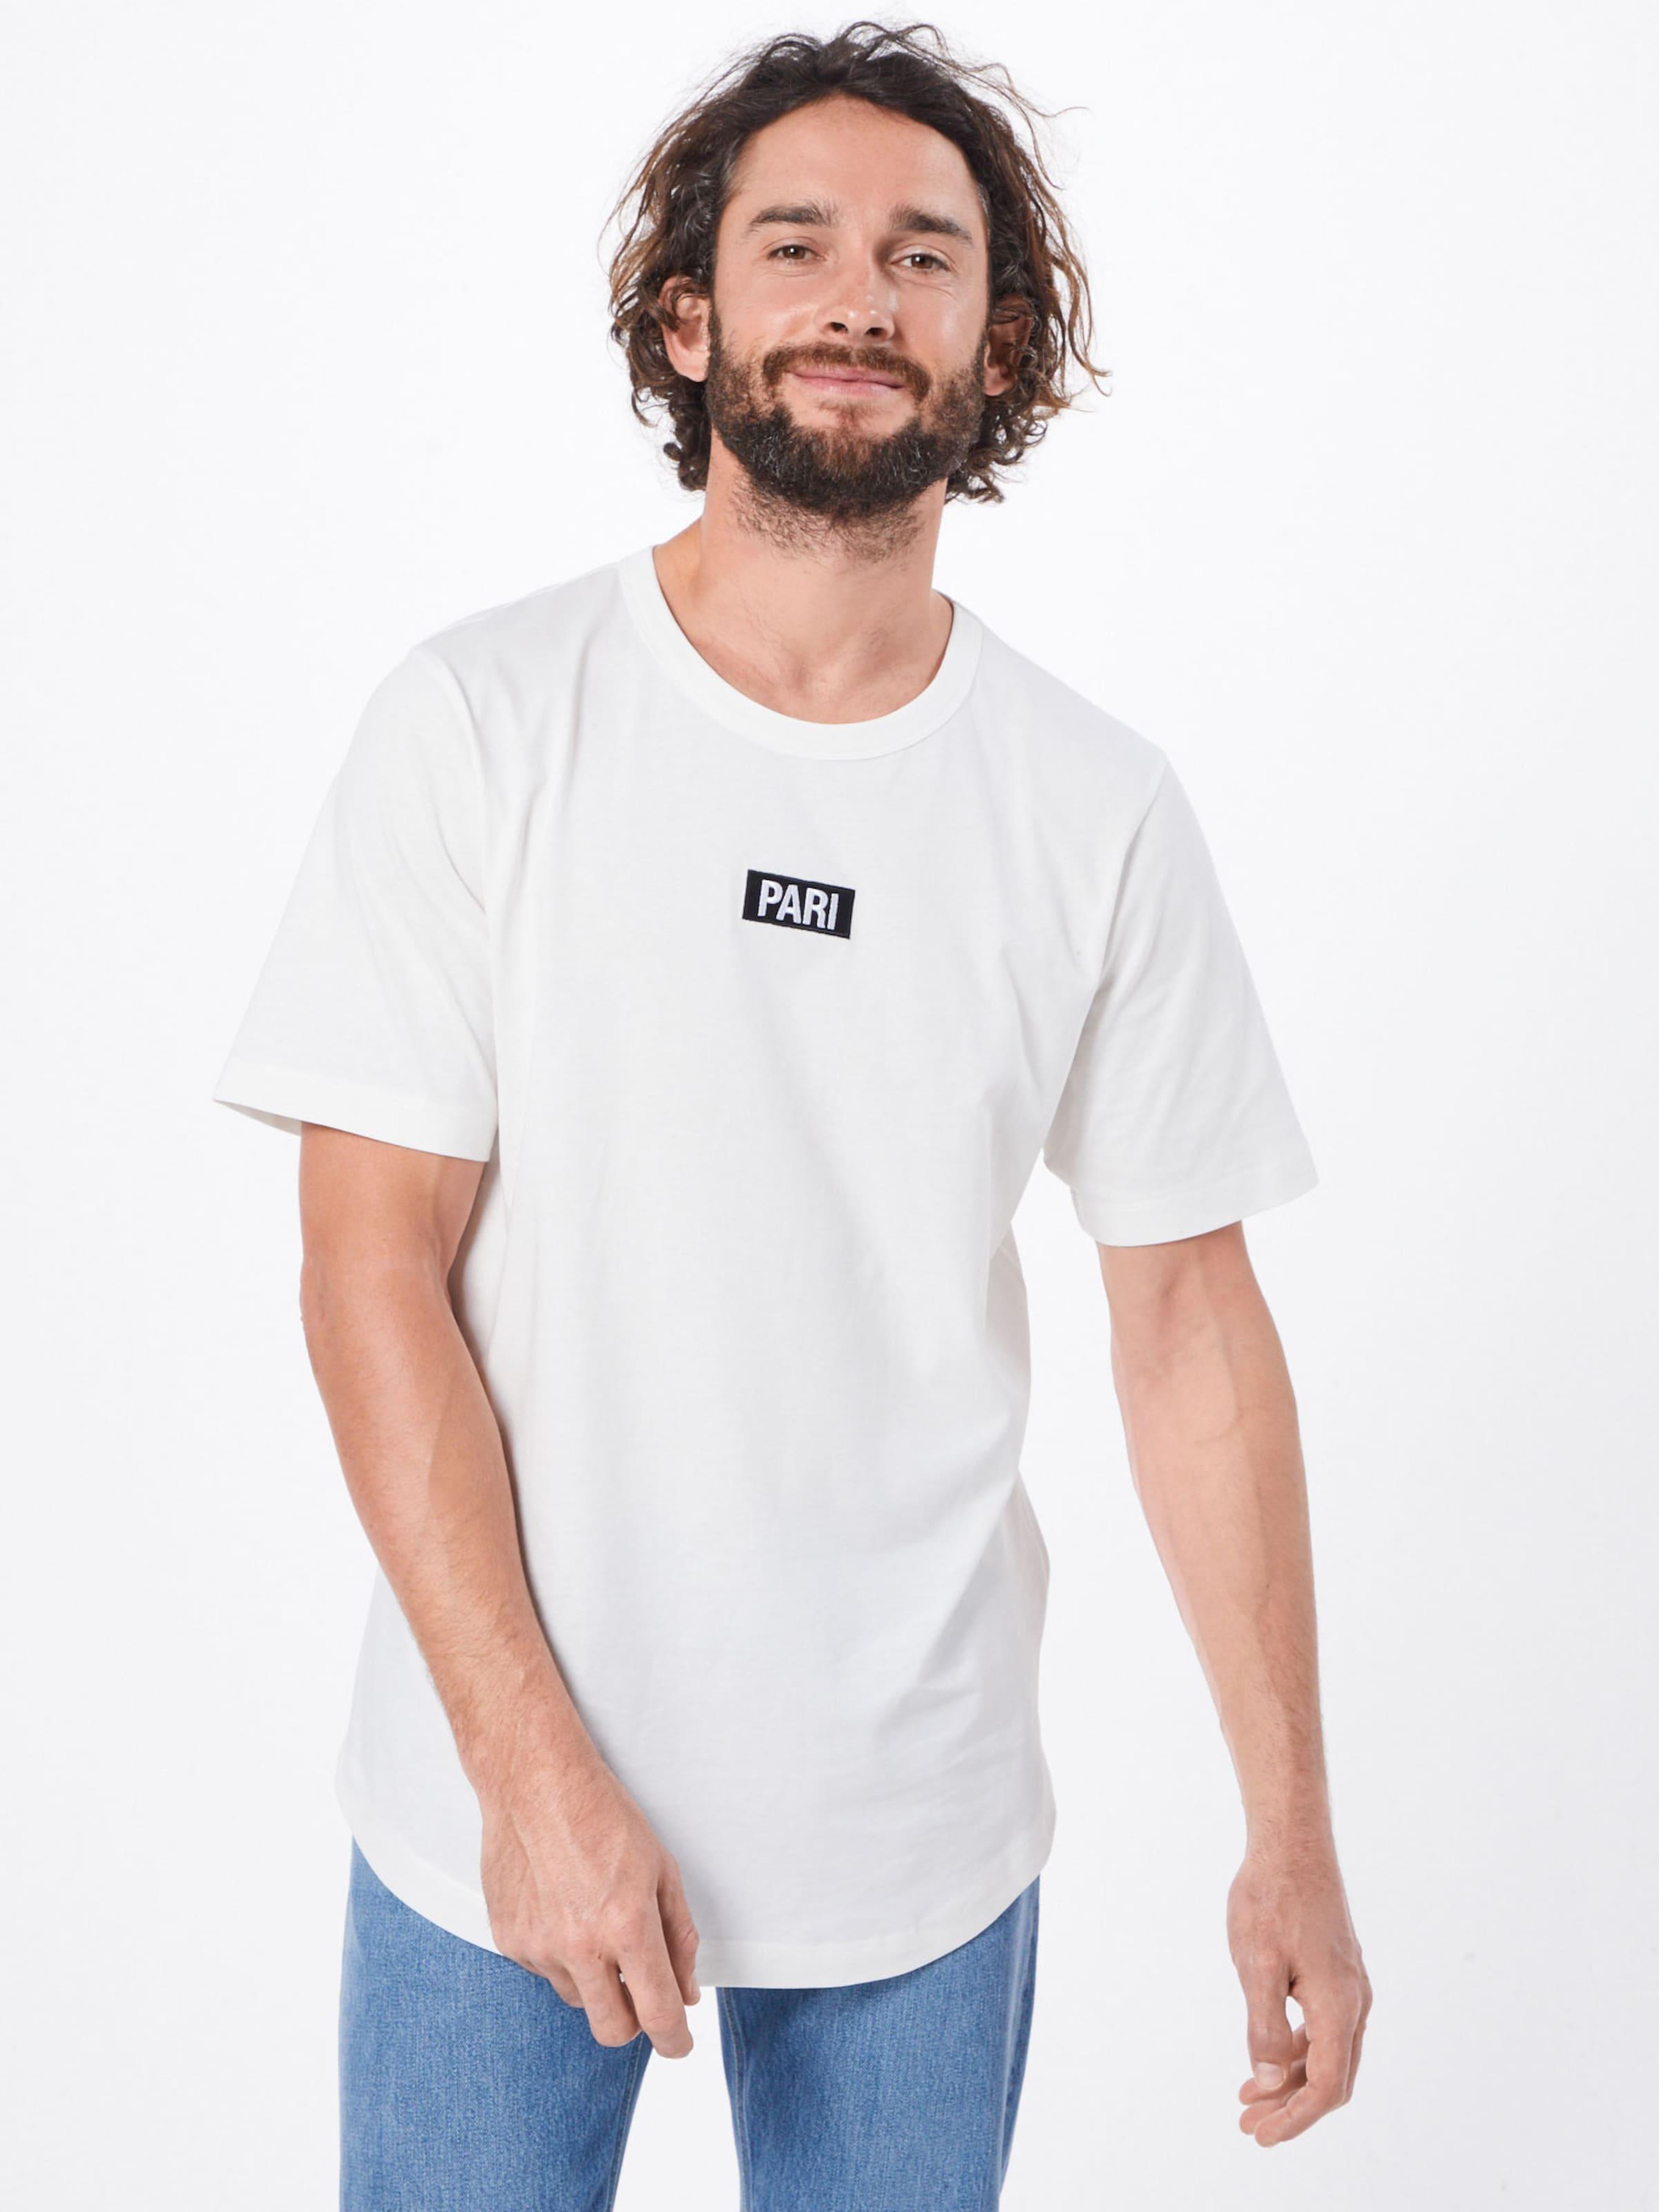 X About shirt Pari T 'ben' You In SchwarzWeiß MVUqSzpGjL